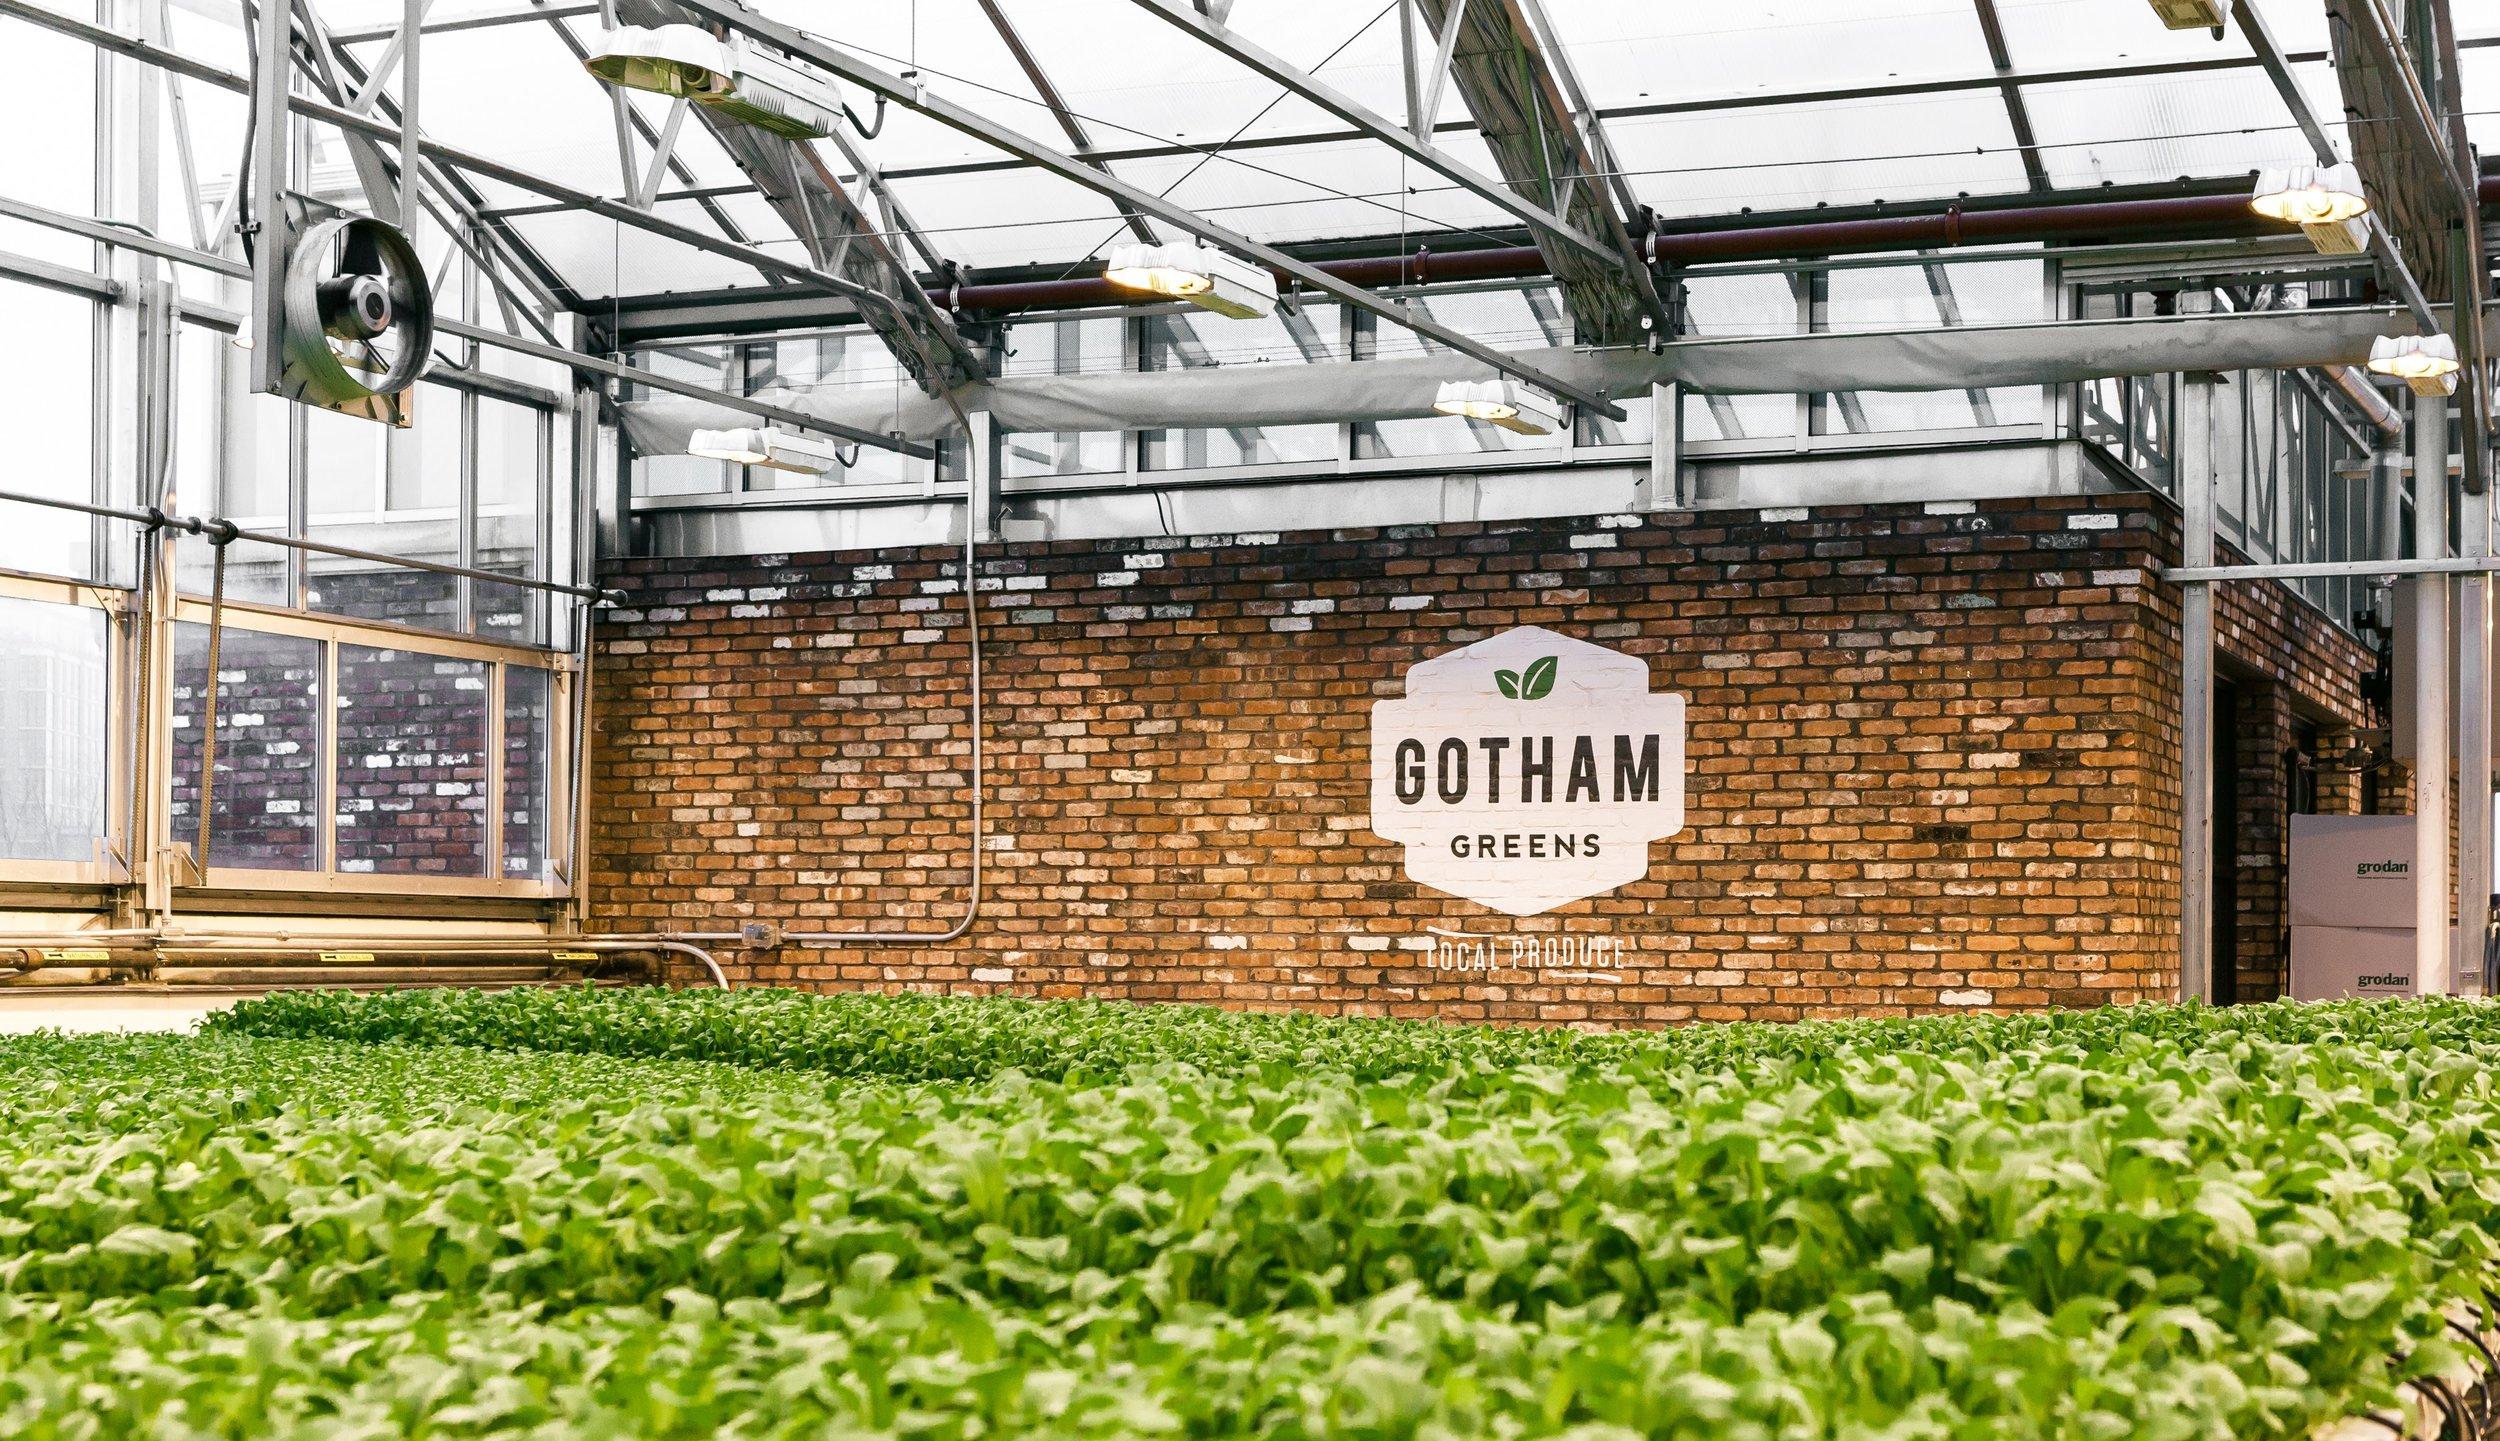 gotham-greens-rooftop-farm